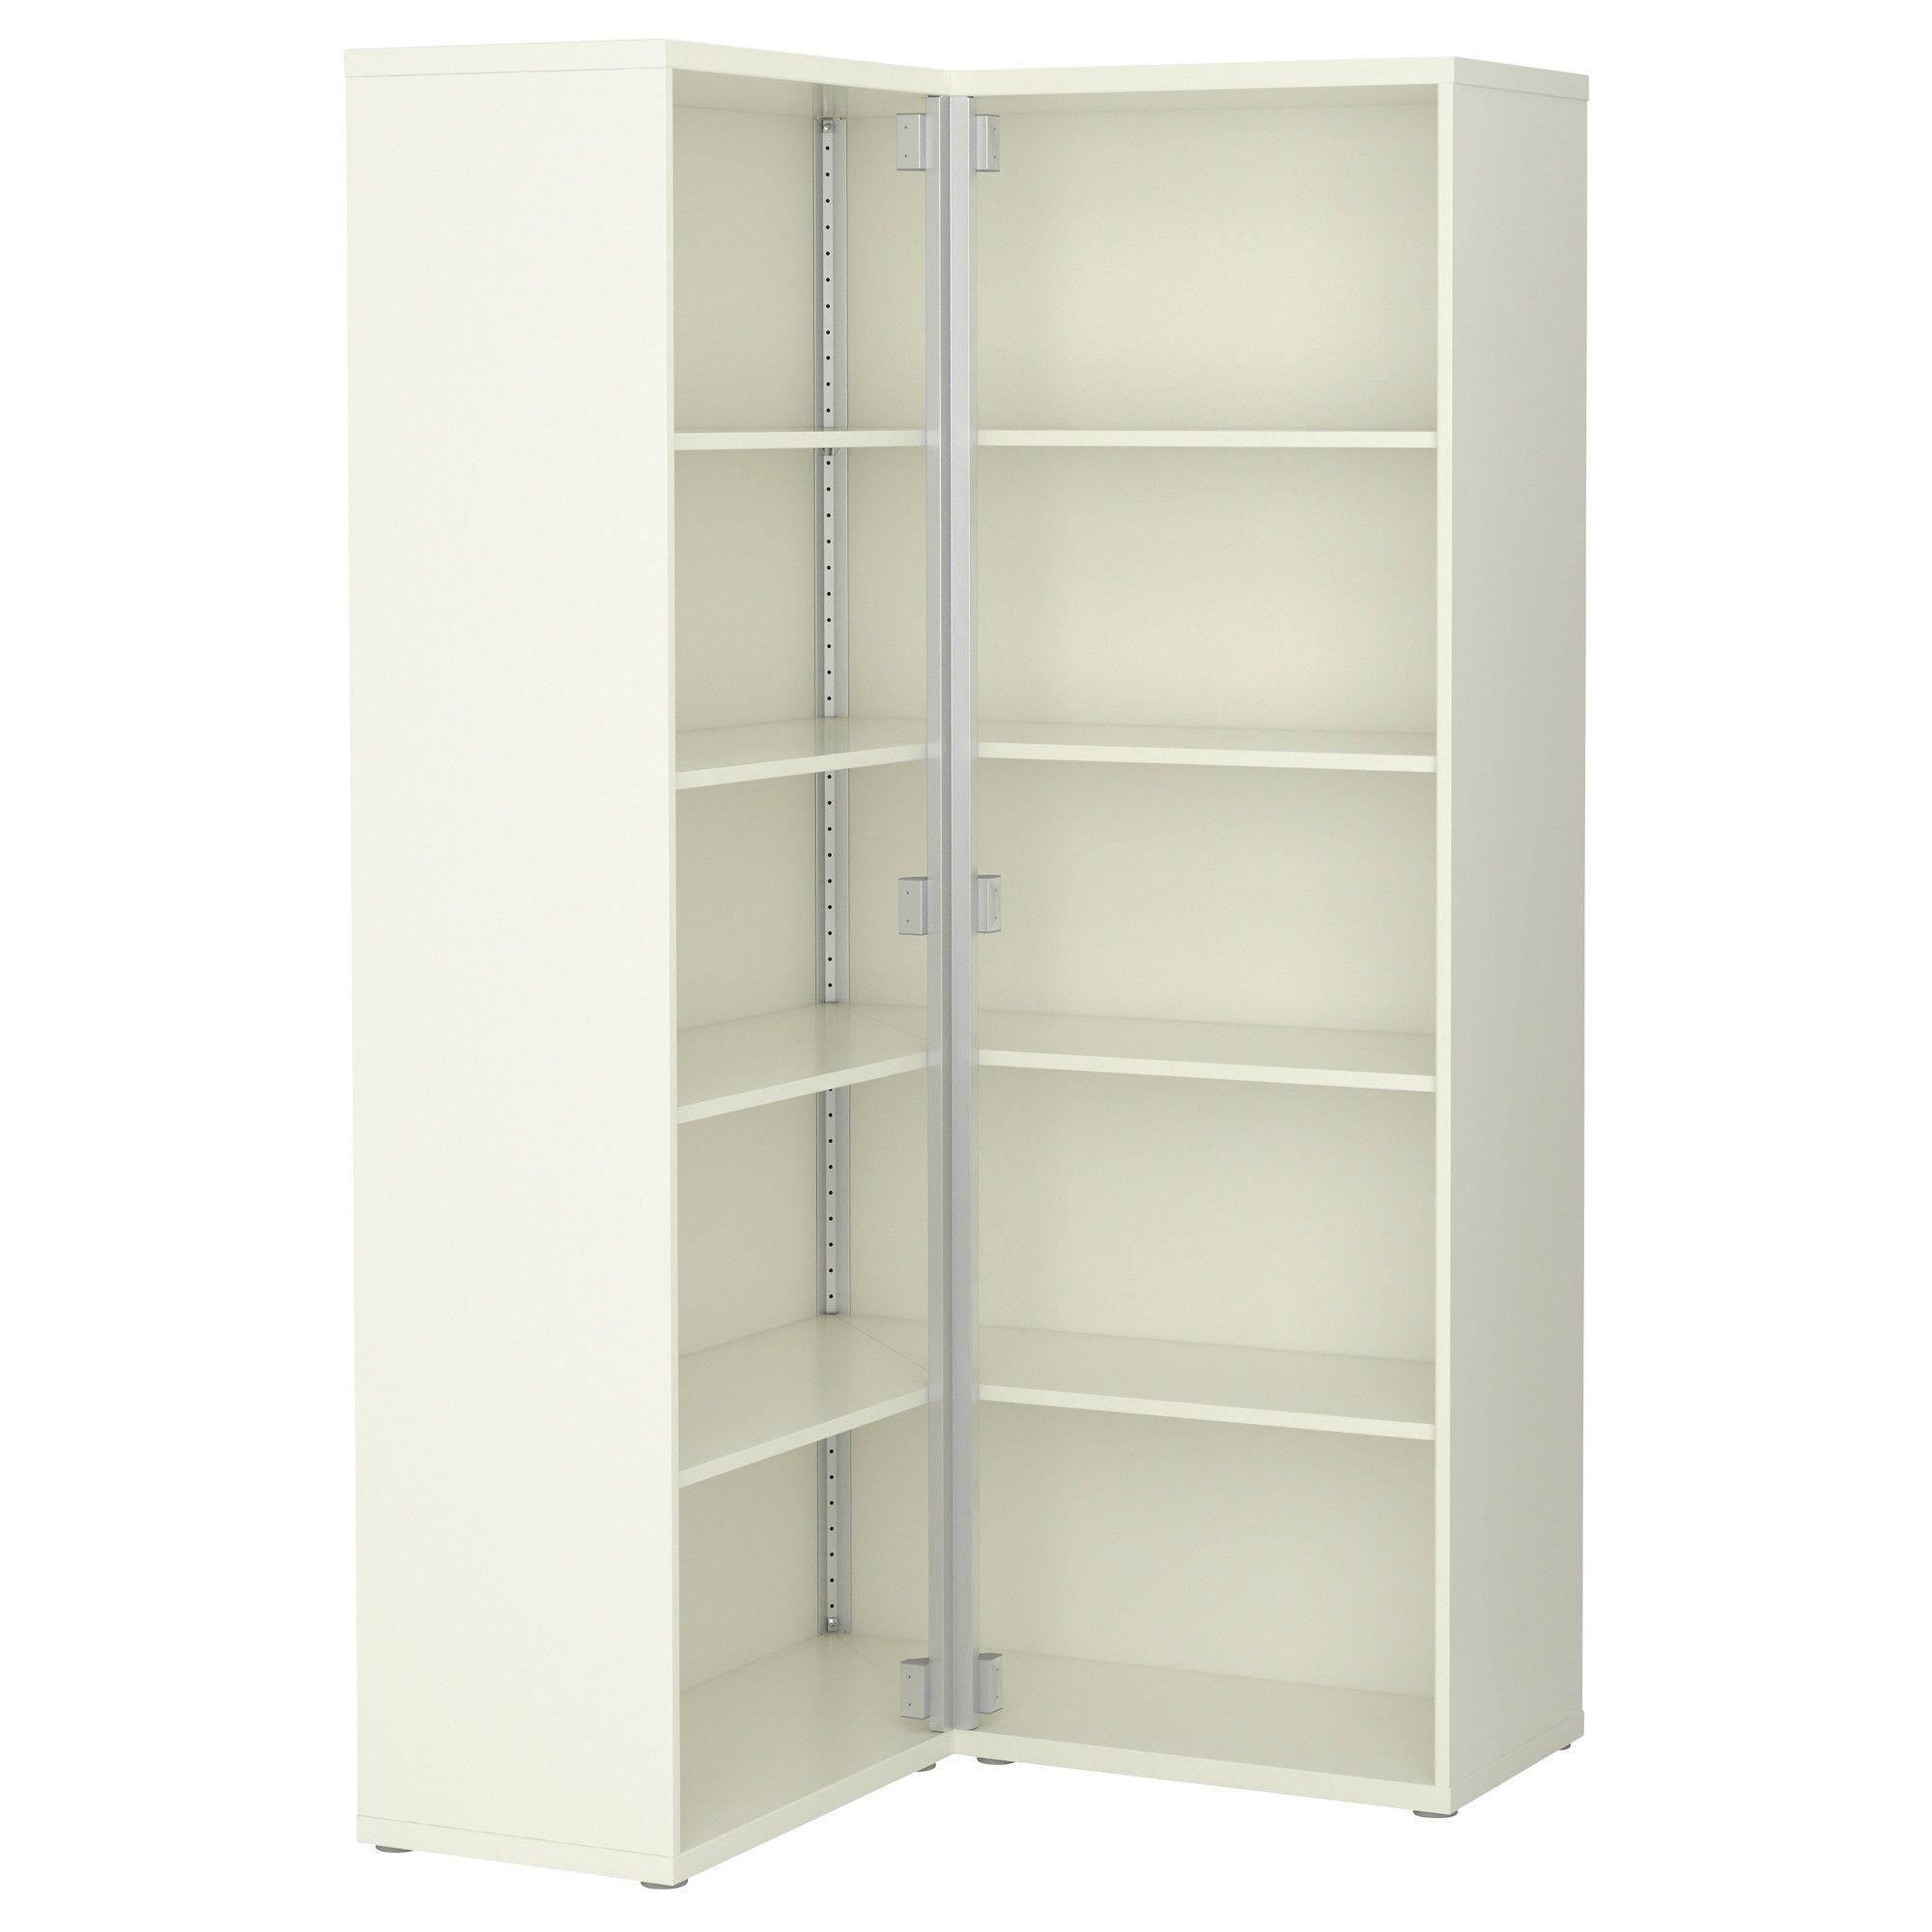 Armadio Ad Angolo Piccolo Ikea.Mobili E Accessori Per L Arredamento Della Casa Home Mom S Studio